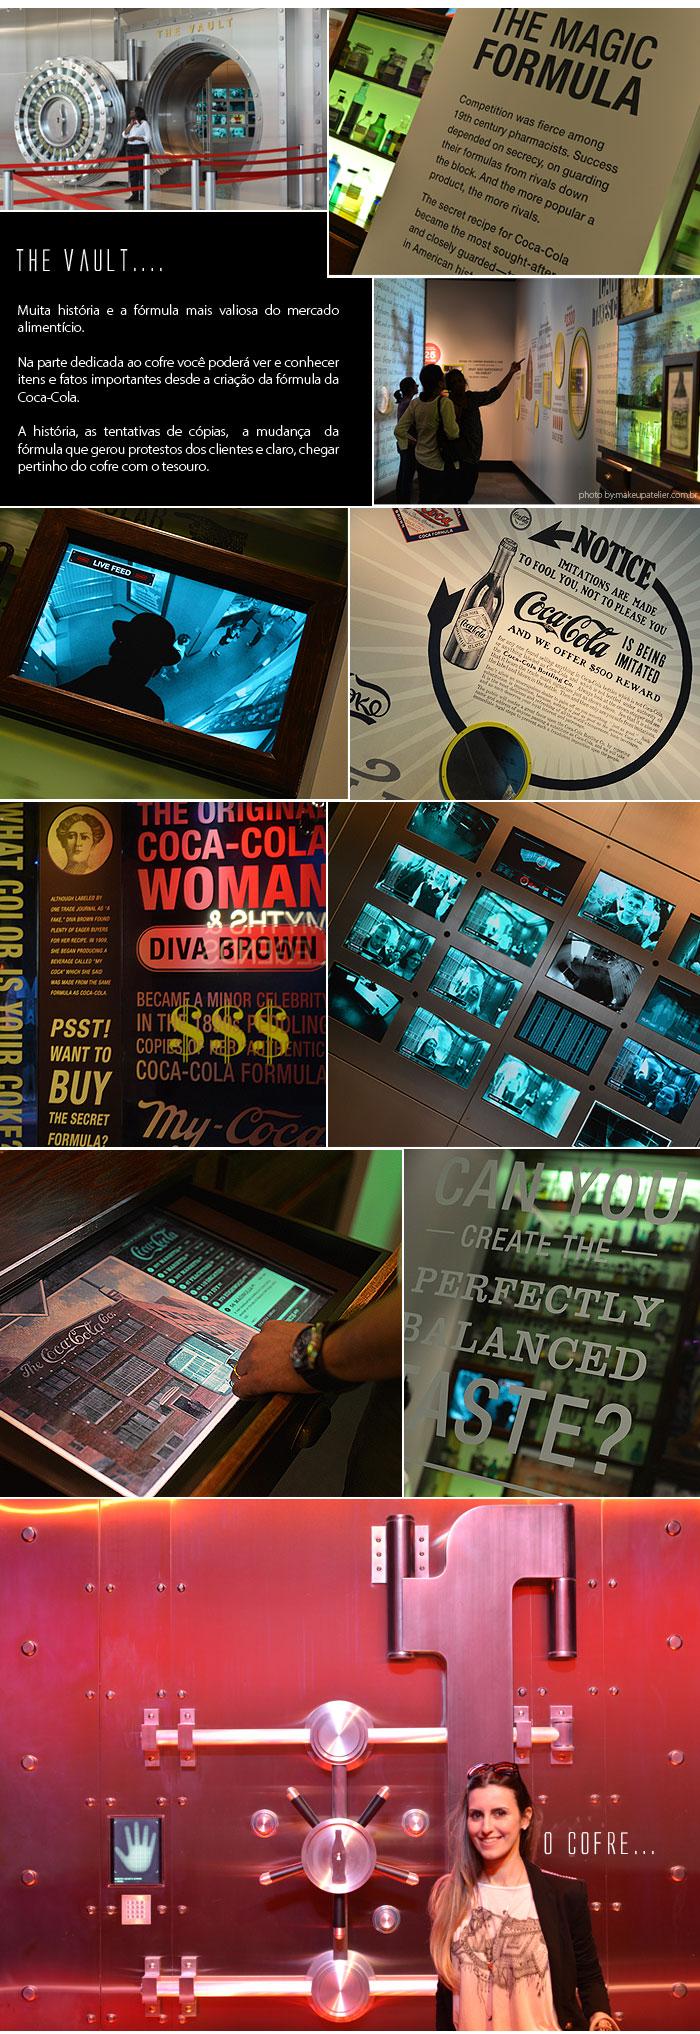 Atlanta_coca_cola_cofre